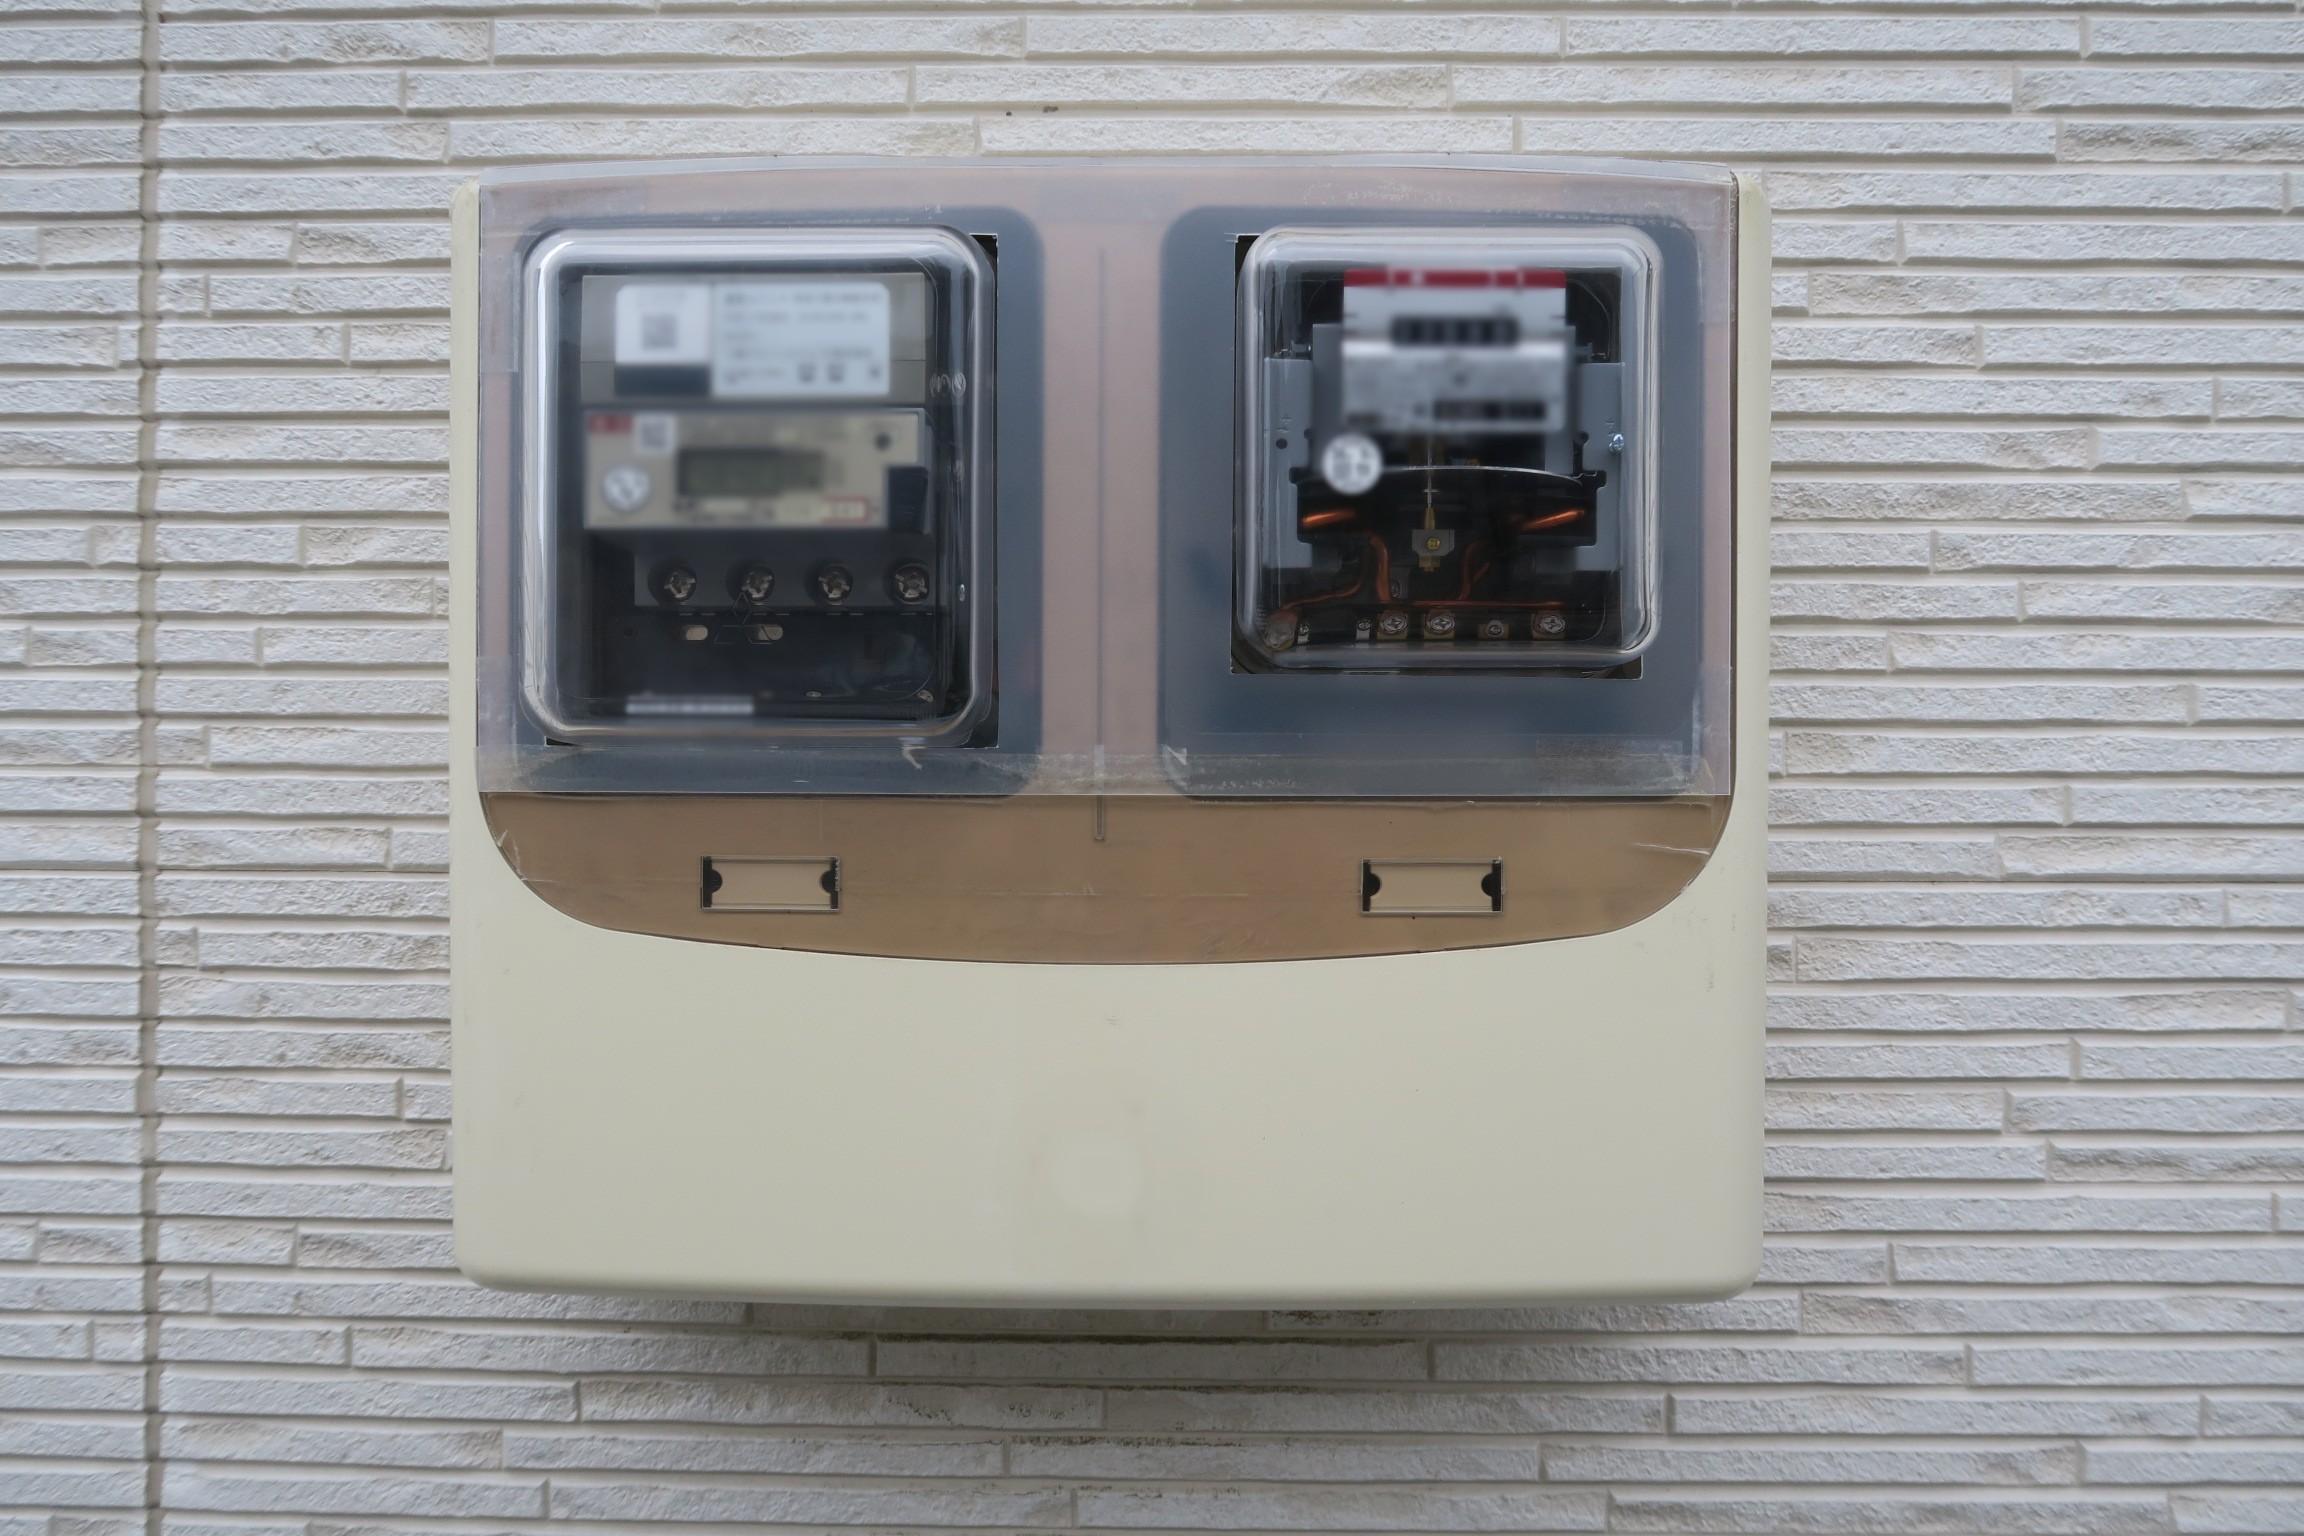 プラ板で塞いだ電気メーター